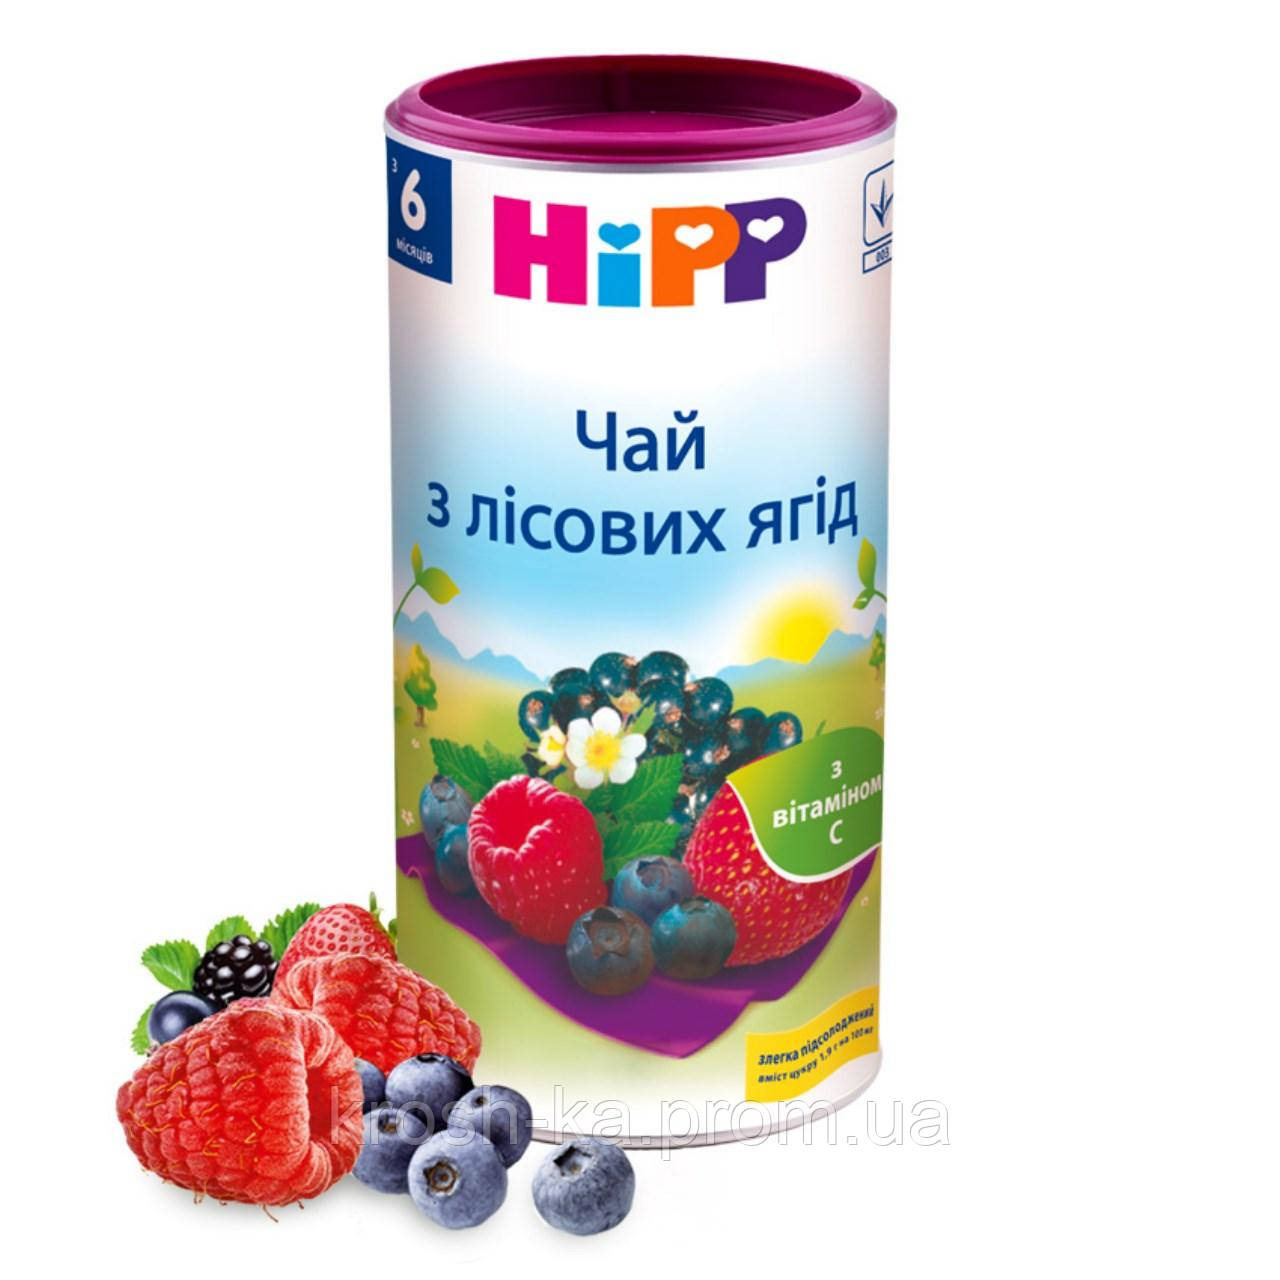 Чай детский лесные ягоды в гранулах 6м+ 200г Hipp Германия 3905